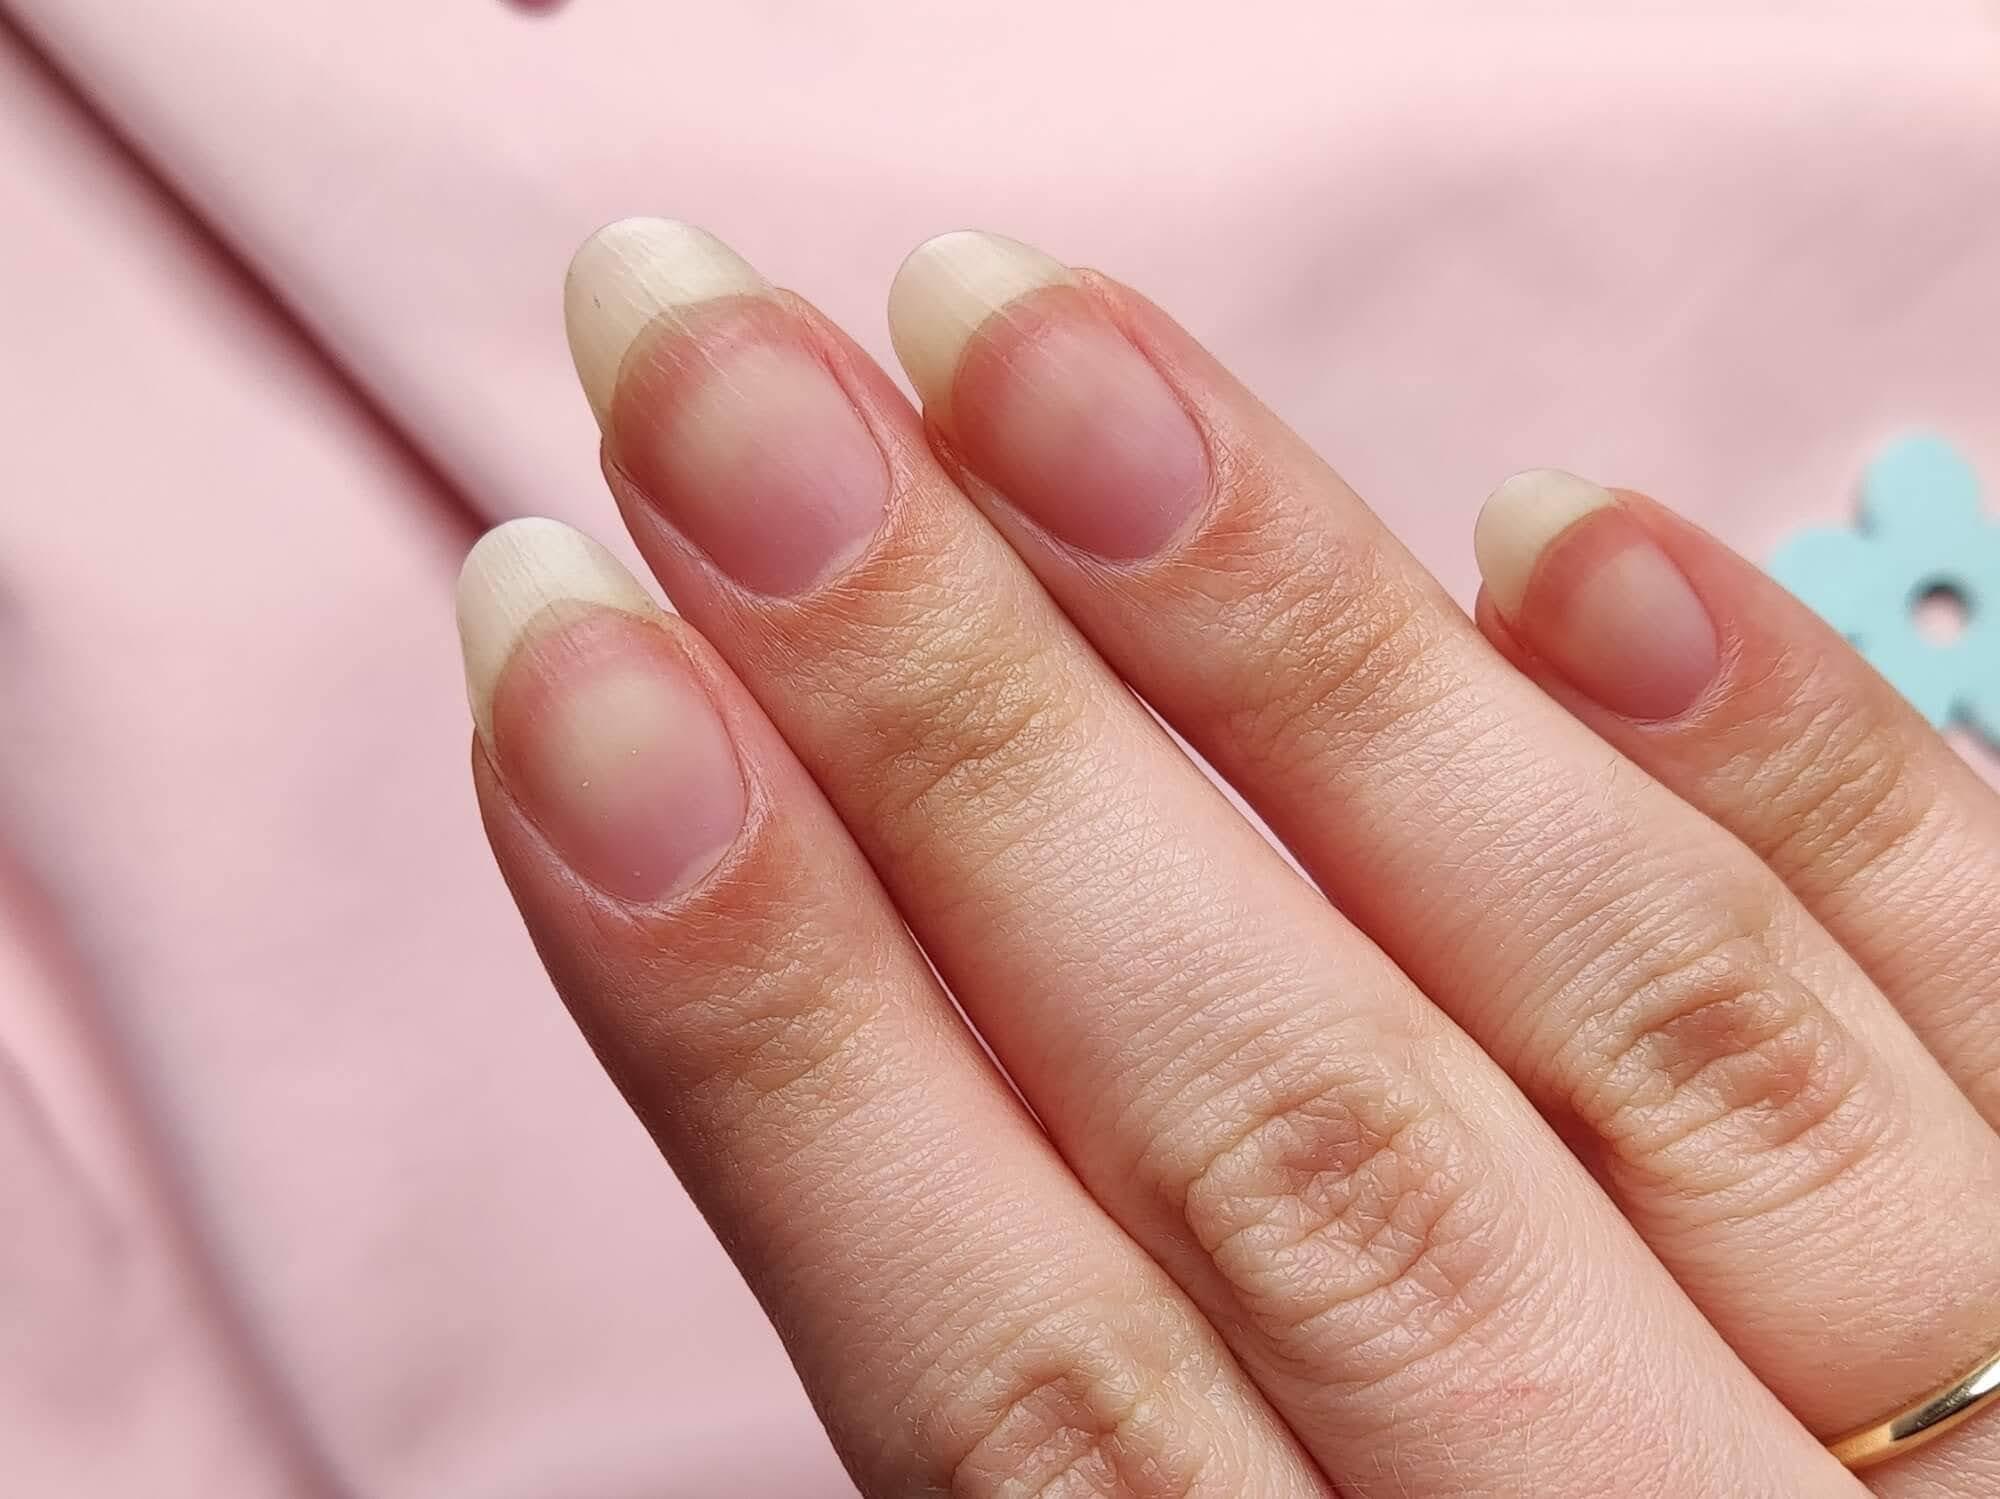 paznokcie po miesiącu zapuszczania